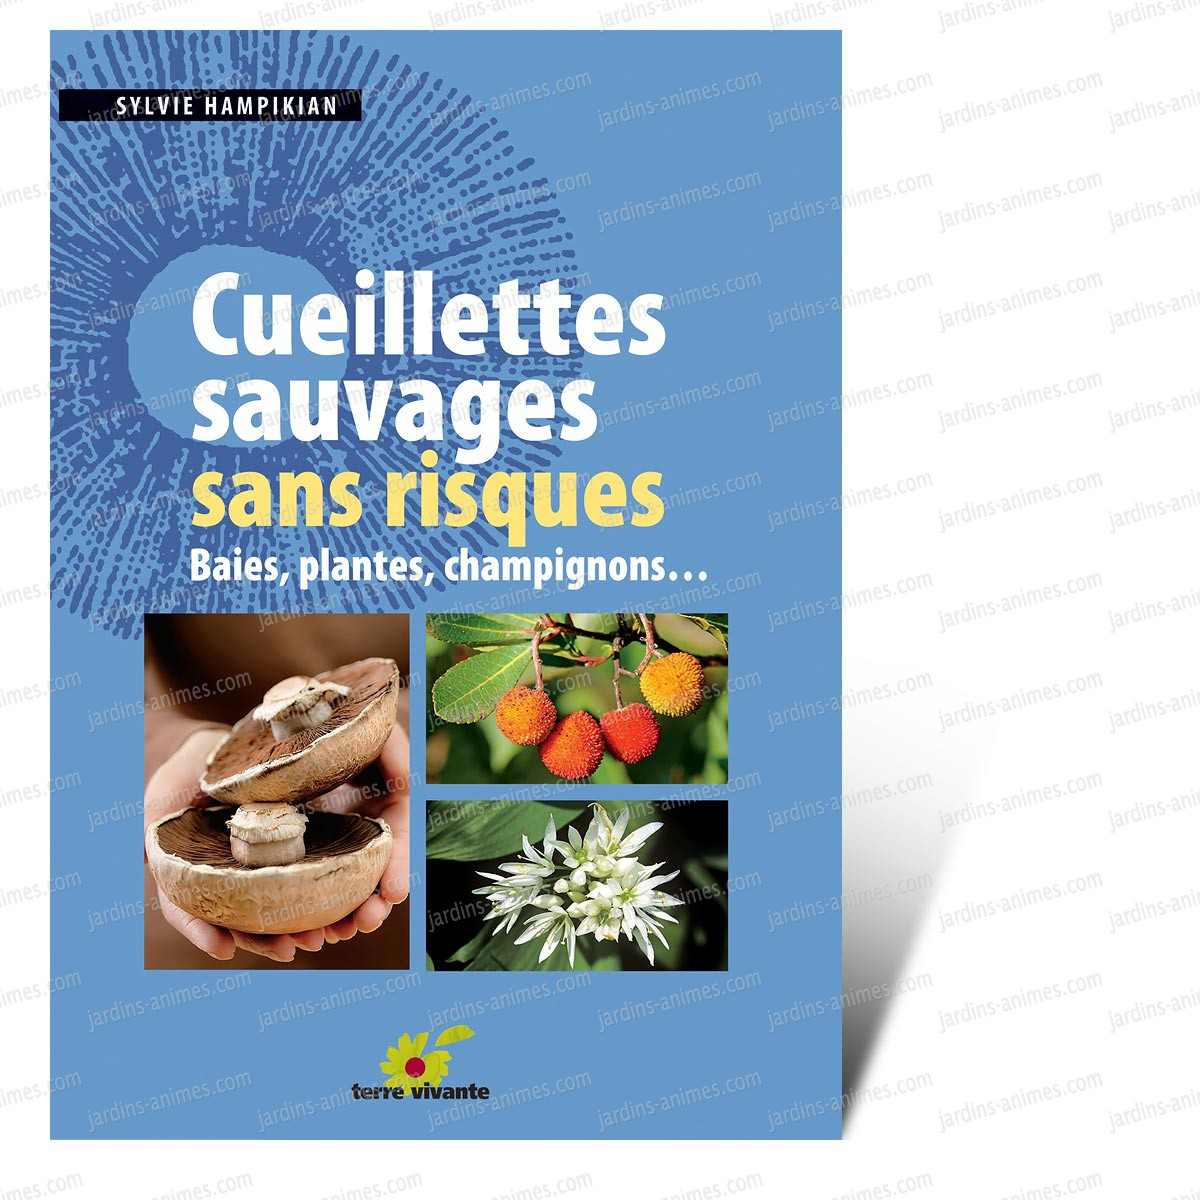 Cueillette sauvage sans risques livre terre vivante livres jardin bio - Les champignons de jardin sont ils comestibles ...